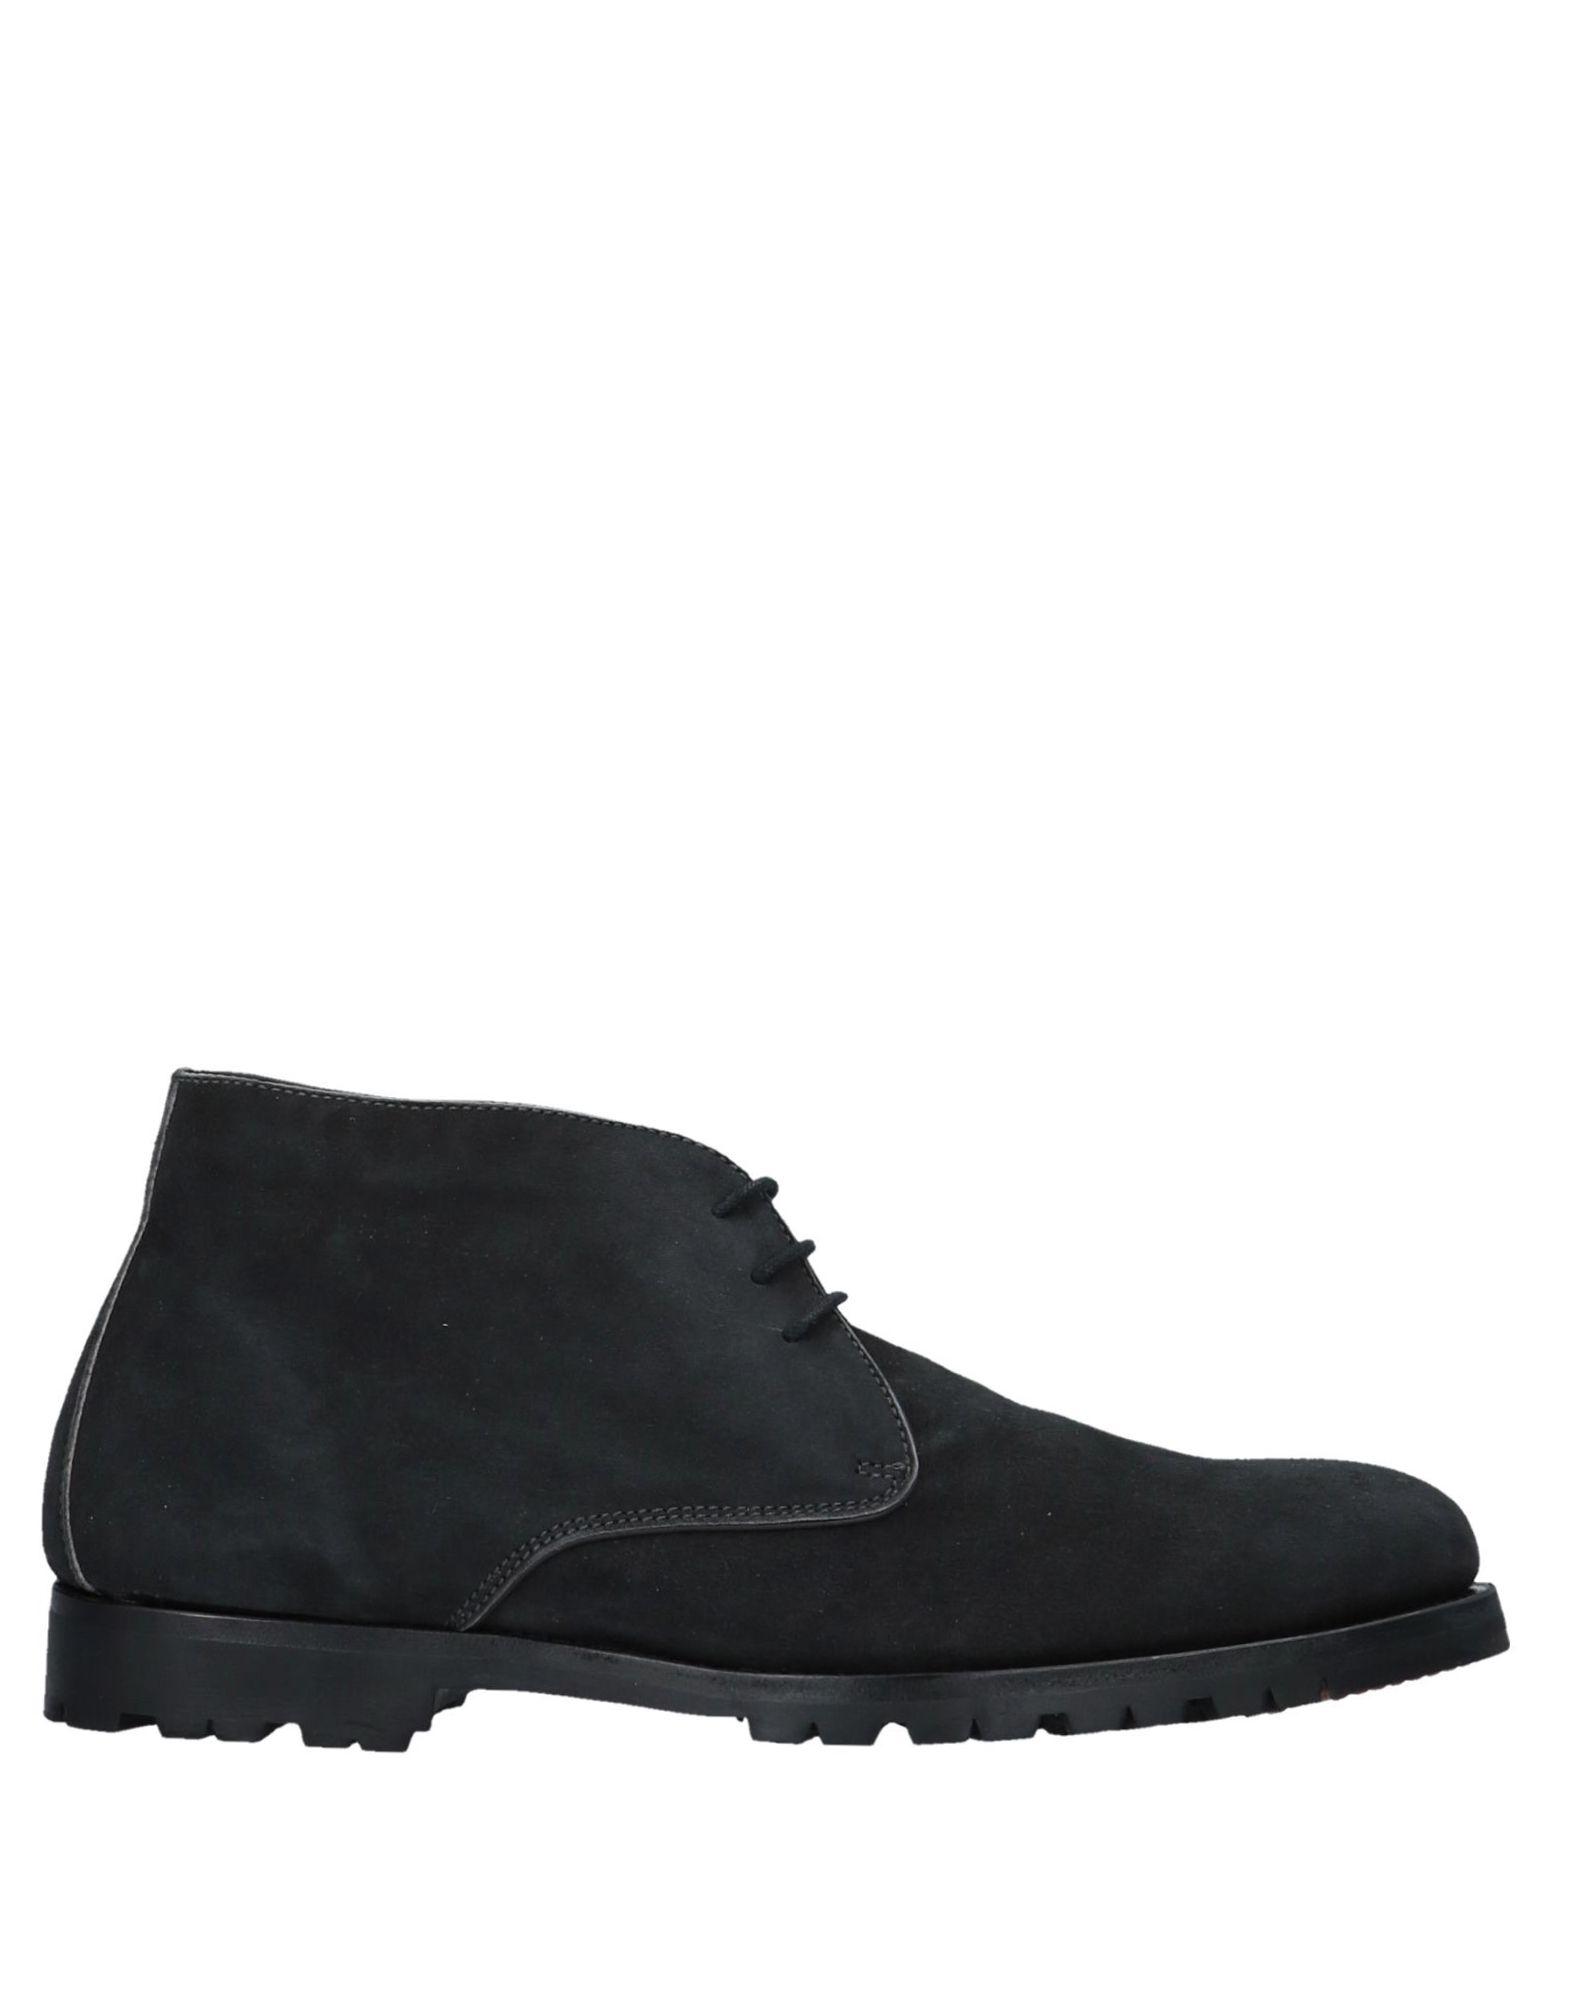 Andrea Ventura Firenze Stiefelette Herren  11531839DW Gute Qualität beliebte Schuhe